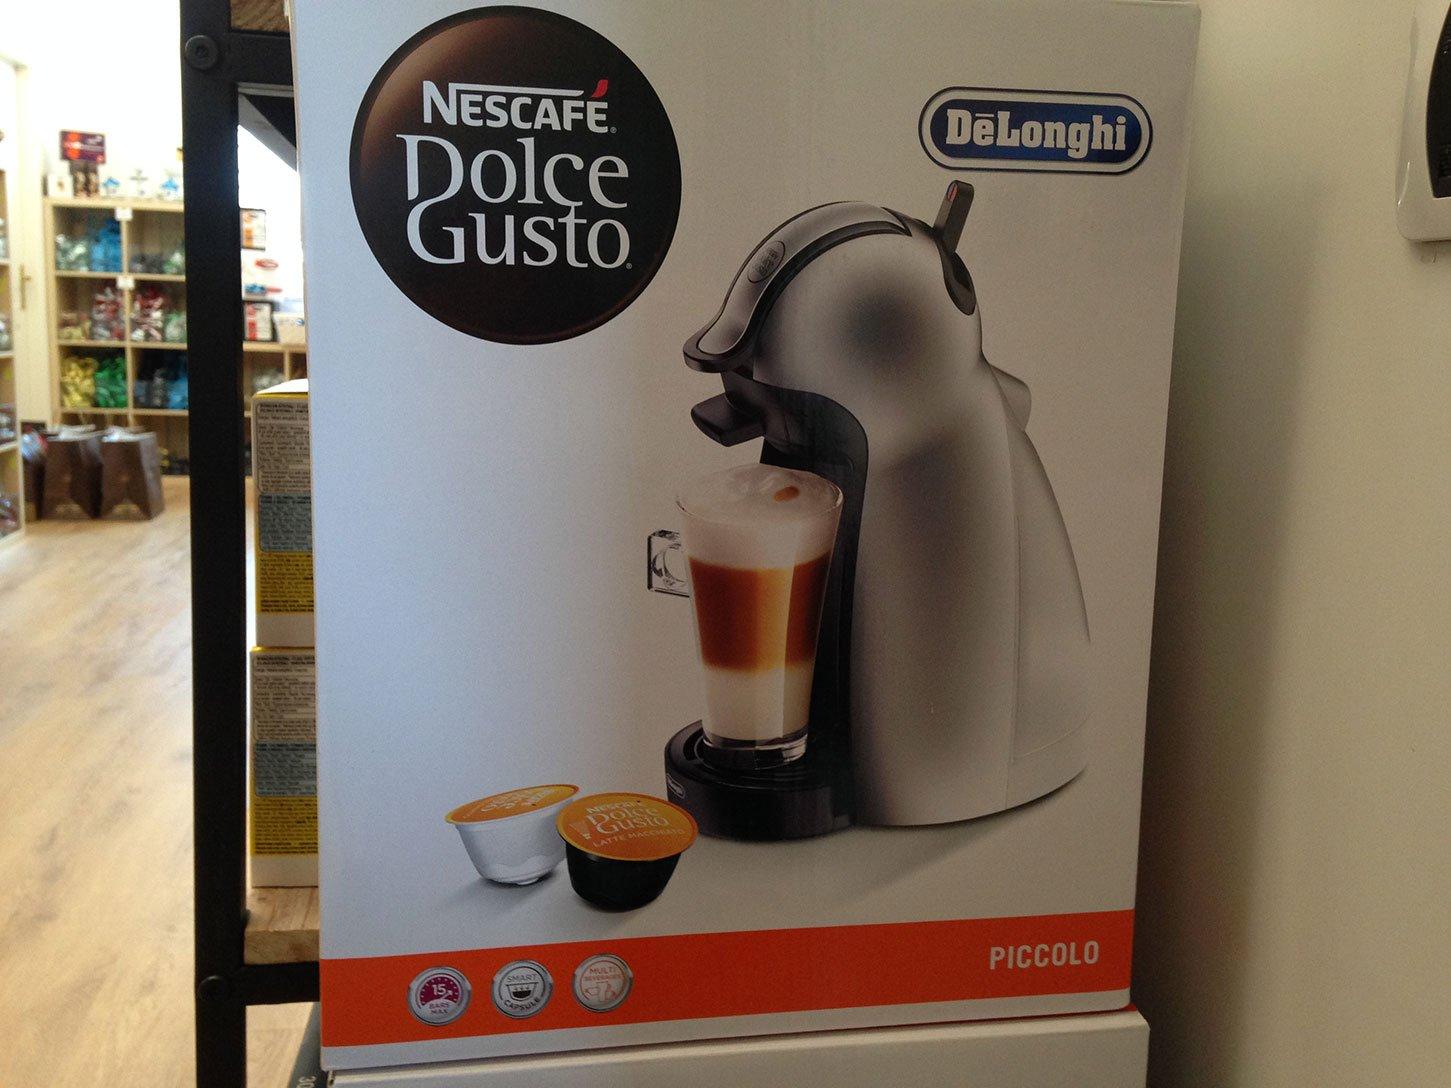 Macchina da caffé Nescafe Dolce gusto per DeLonghi